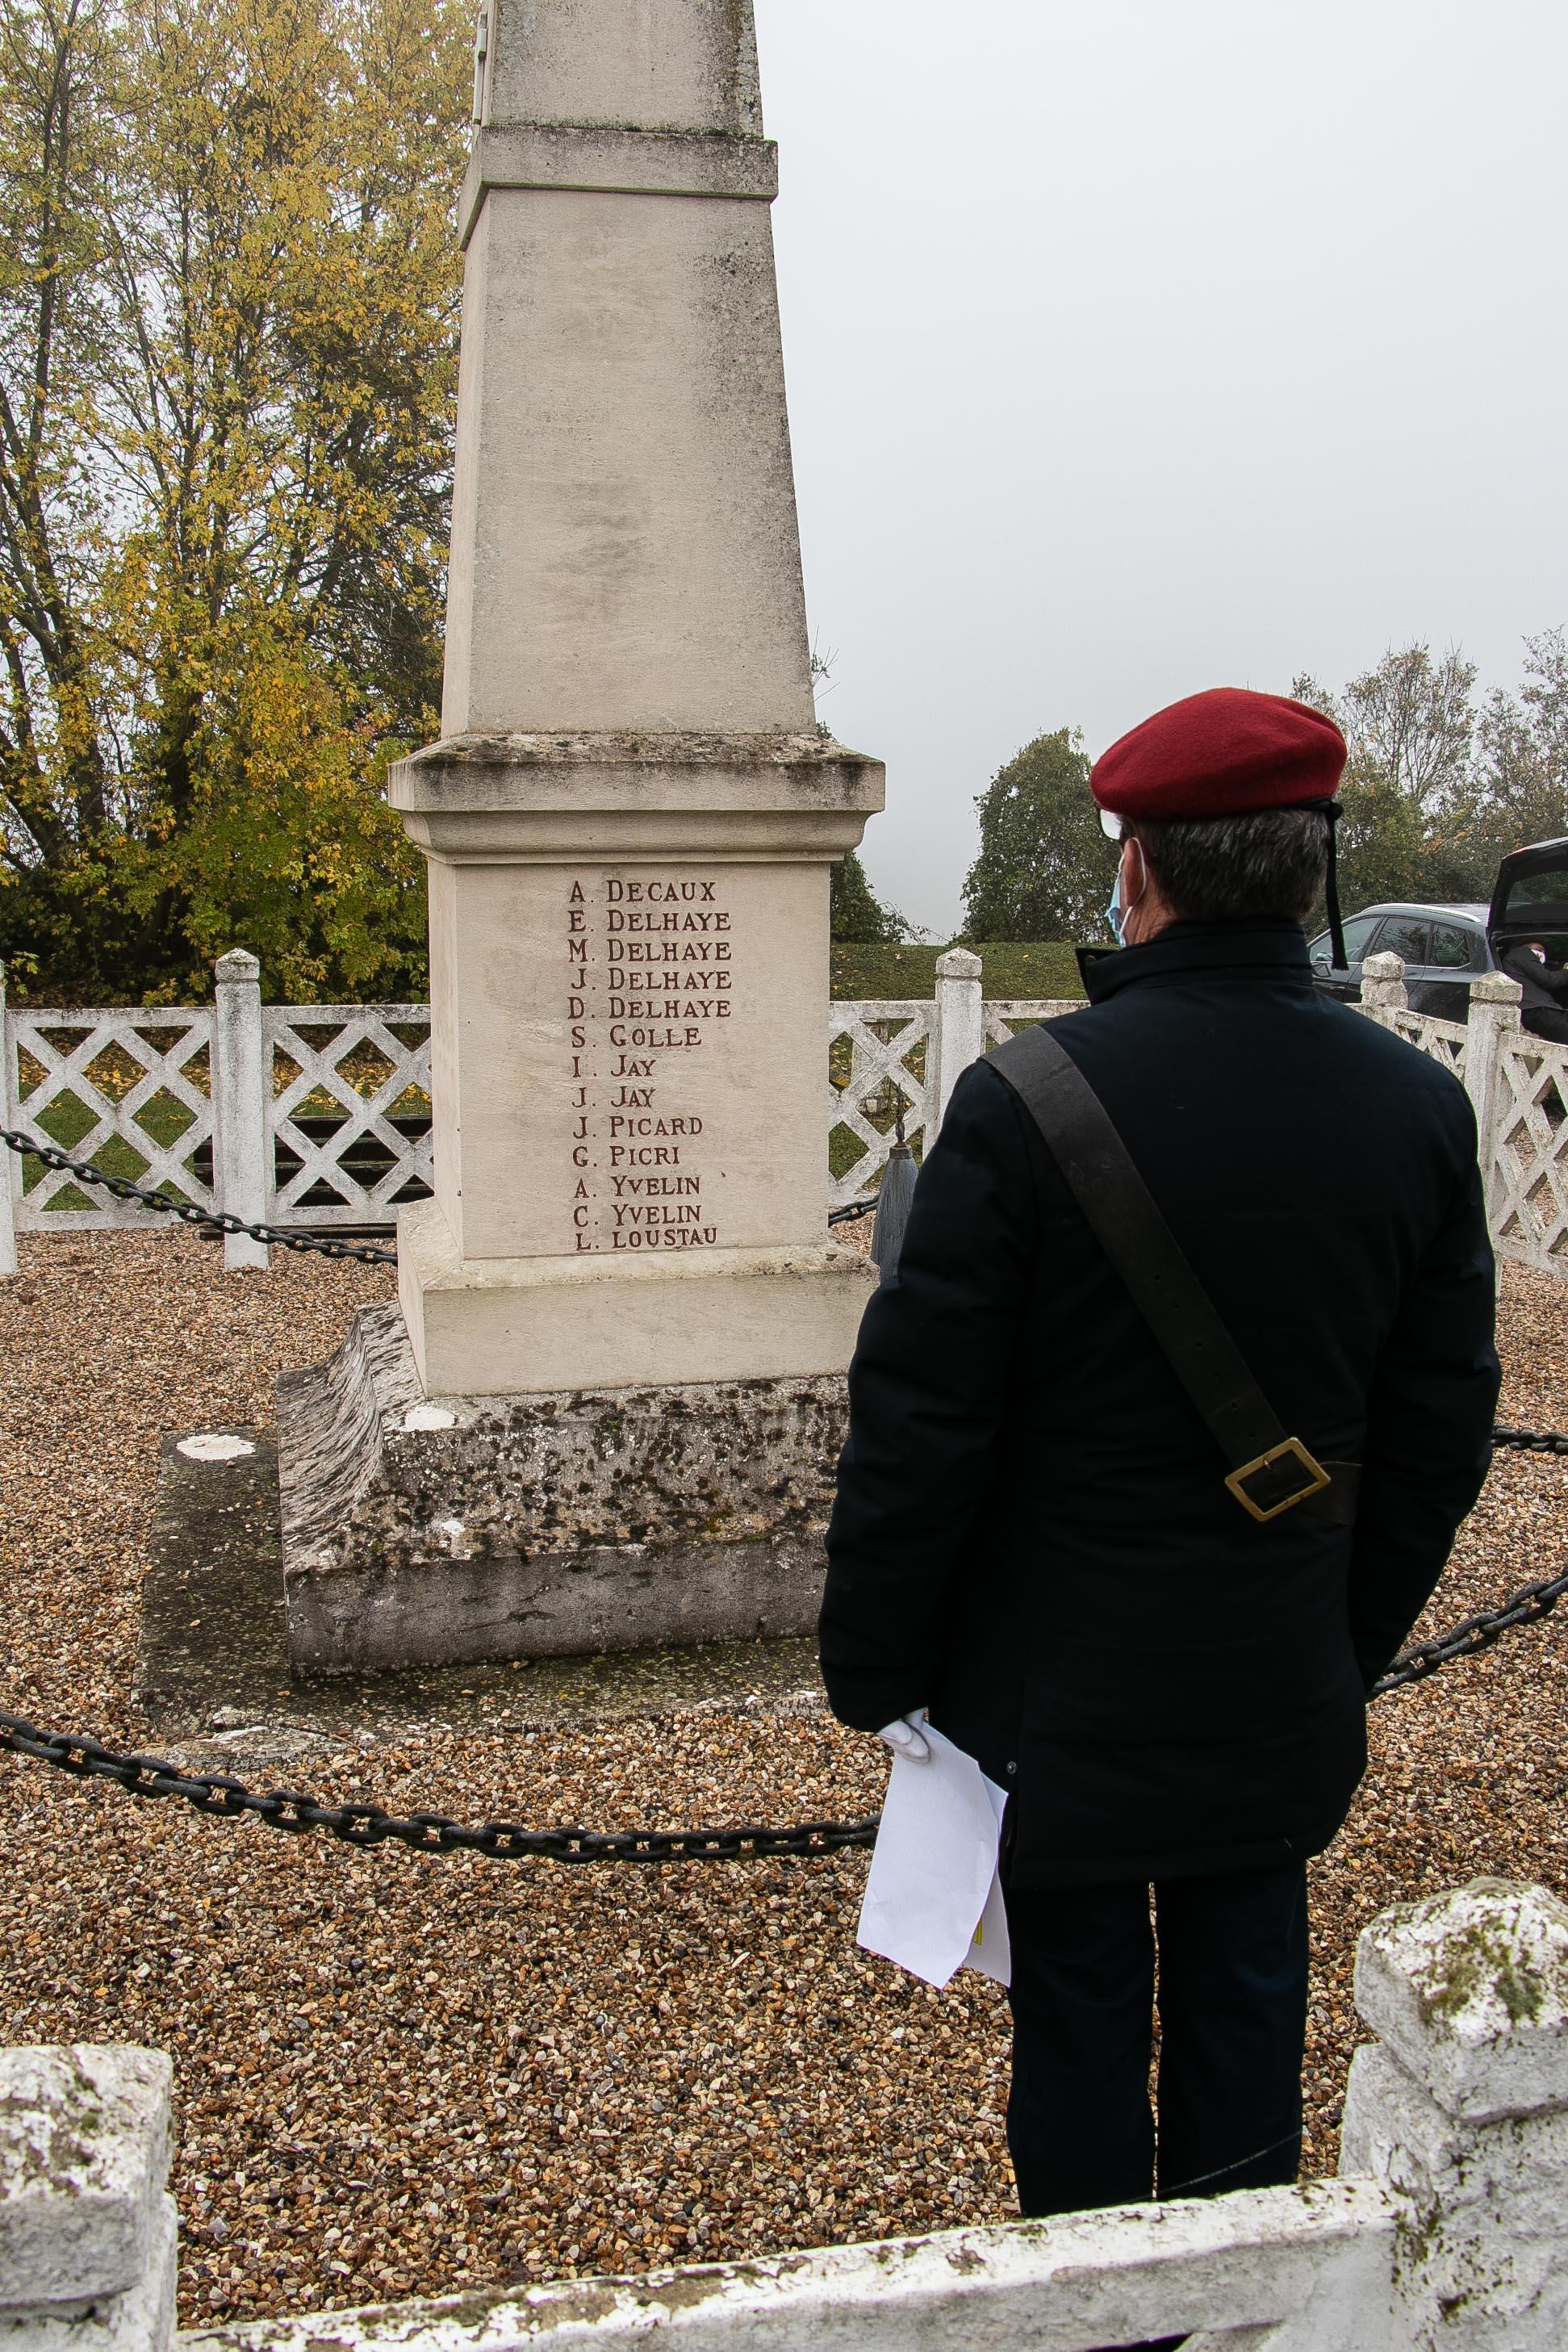 11 lecture des noms sur le monument par JC 1 _1 sur 1_.jpg